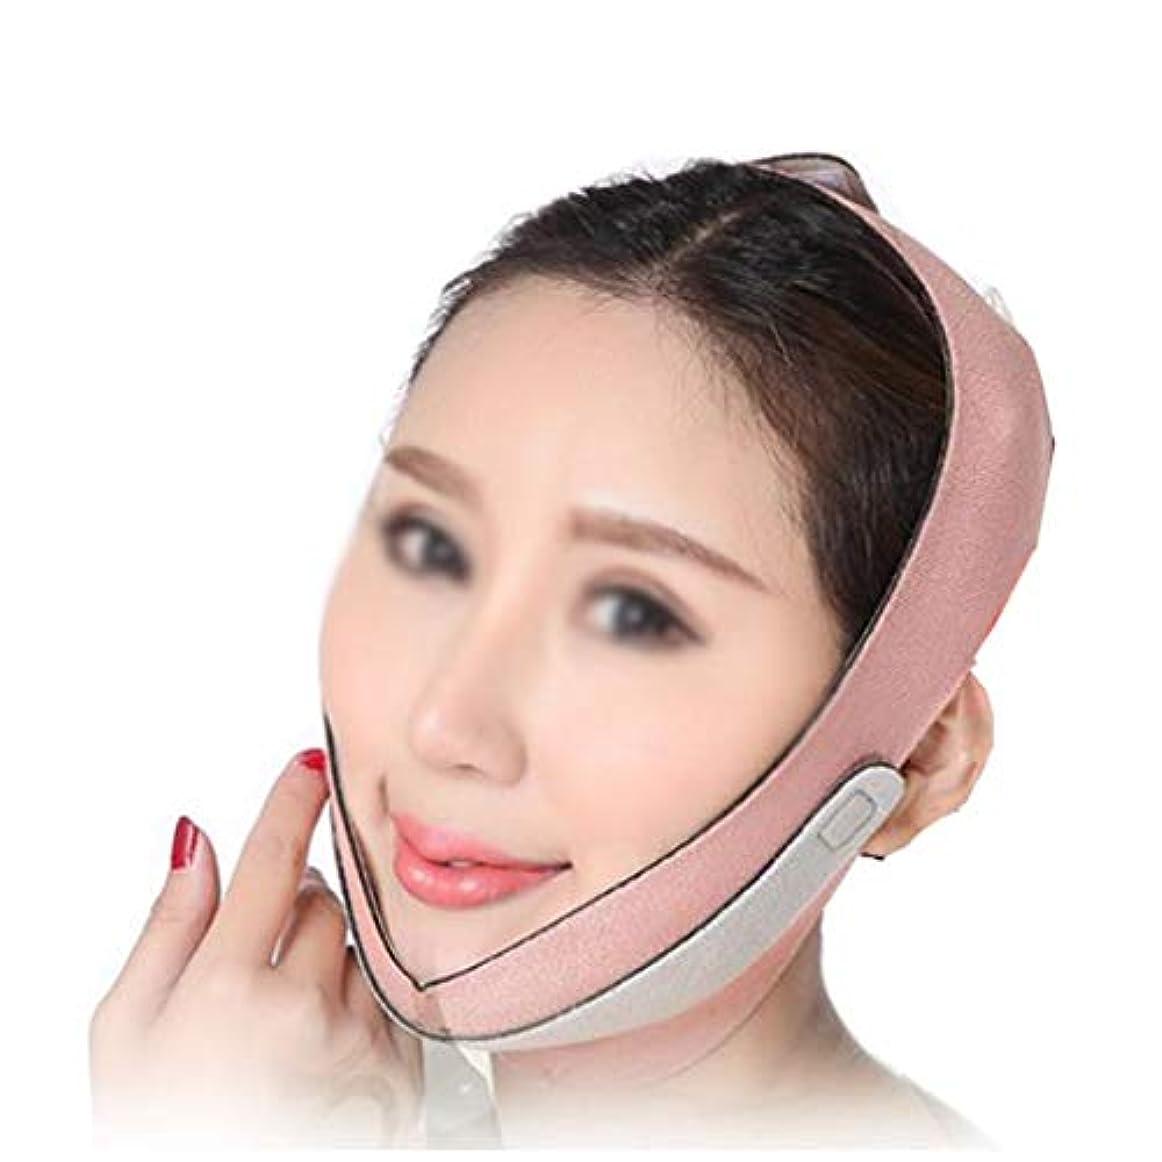 大聖堂鉄道留め金ZWBD フェイスマスク, フェイスリフティングマスクフェイスリフティングツールを備えたVフェイスの薄い顔3Dフェイスリフティングフェイスリフティング包帯フェイスリフティングデバイスフェイスリフティングマシン